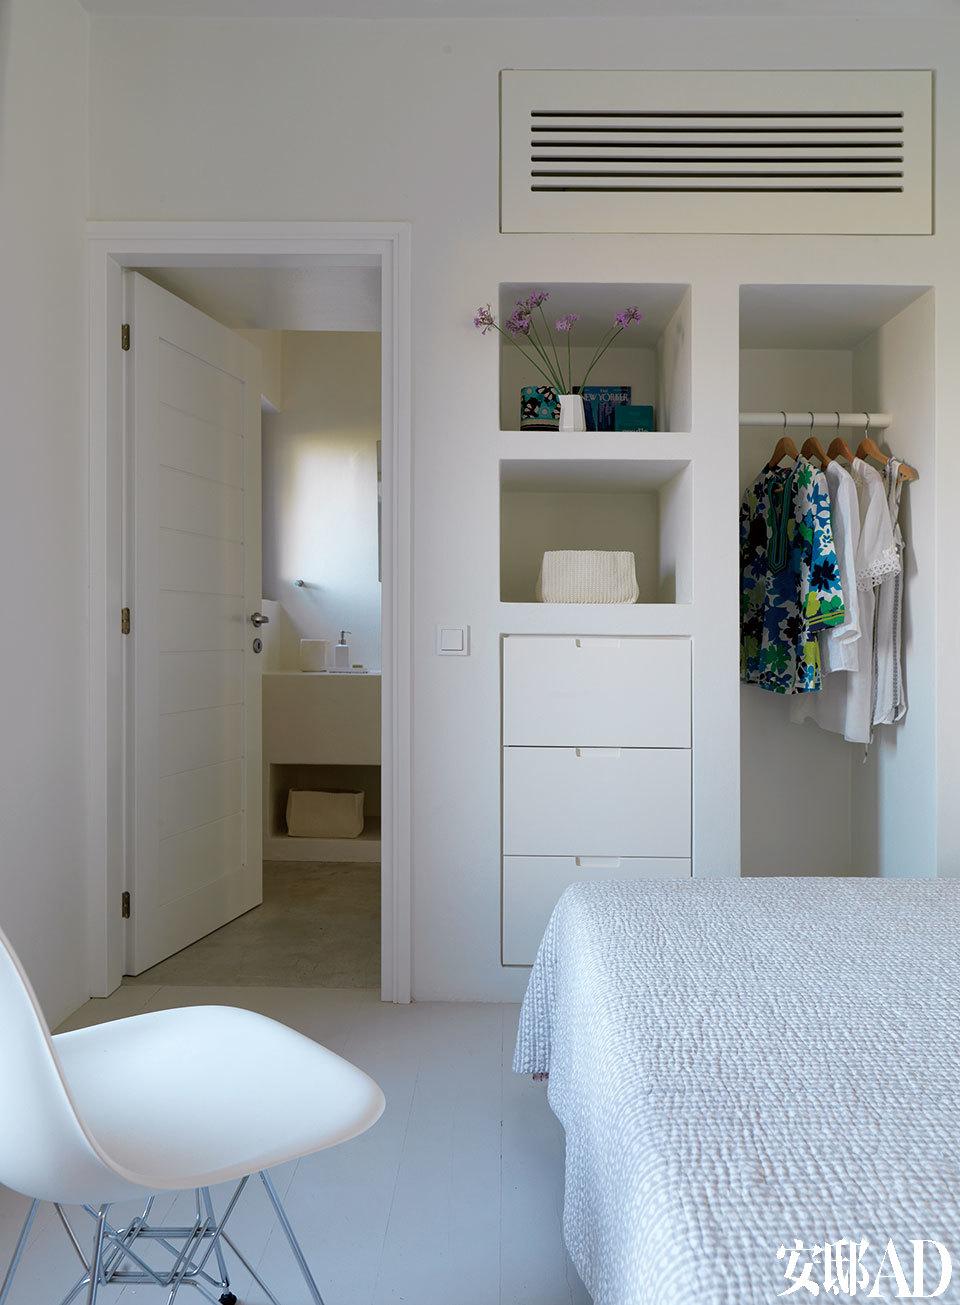 位于主层的一间卧室,嵌入式衣橱节省了不少空间。